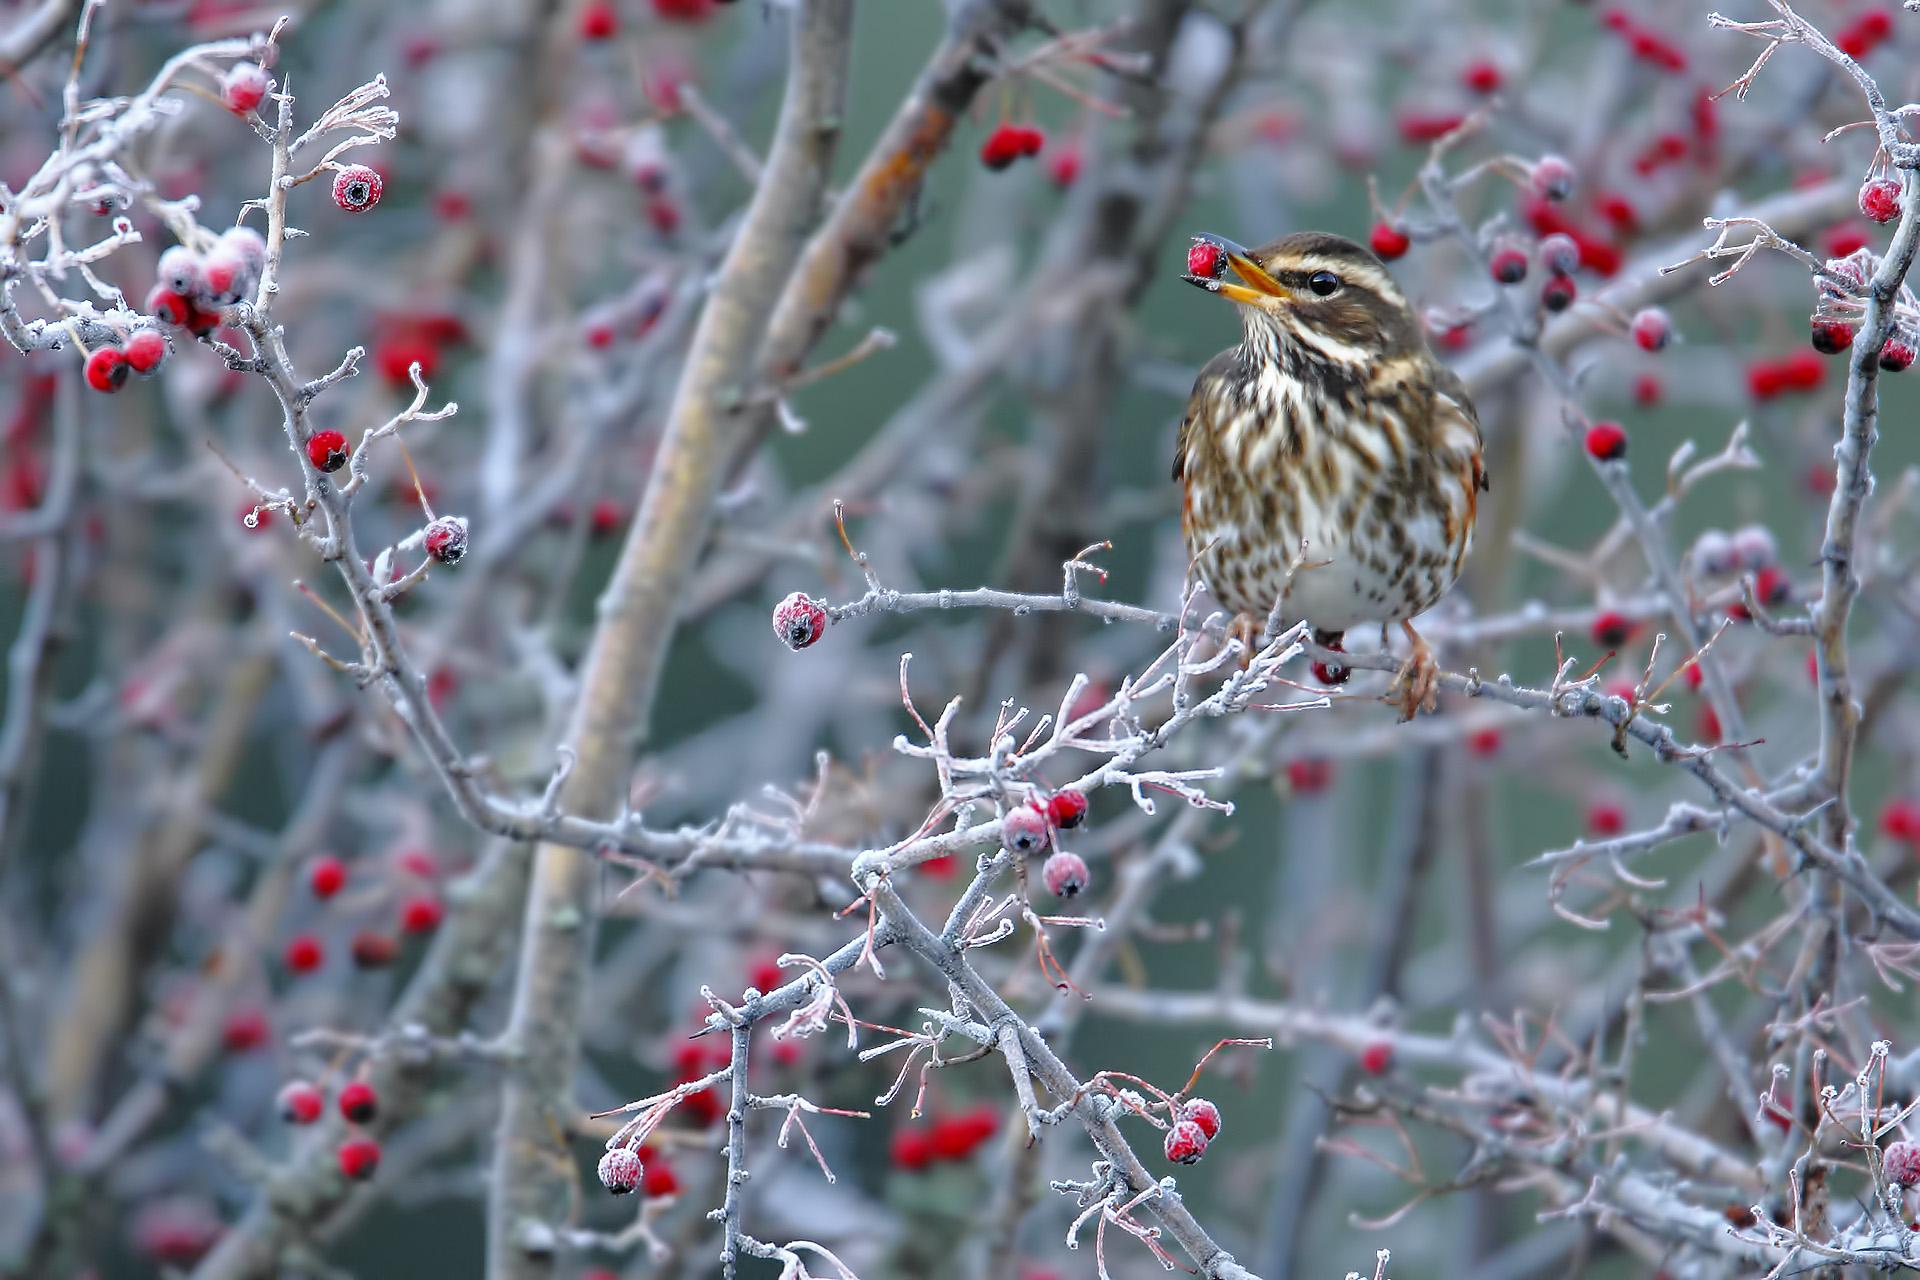 Aves en invierno – Birds in Winter